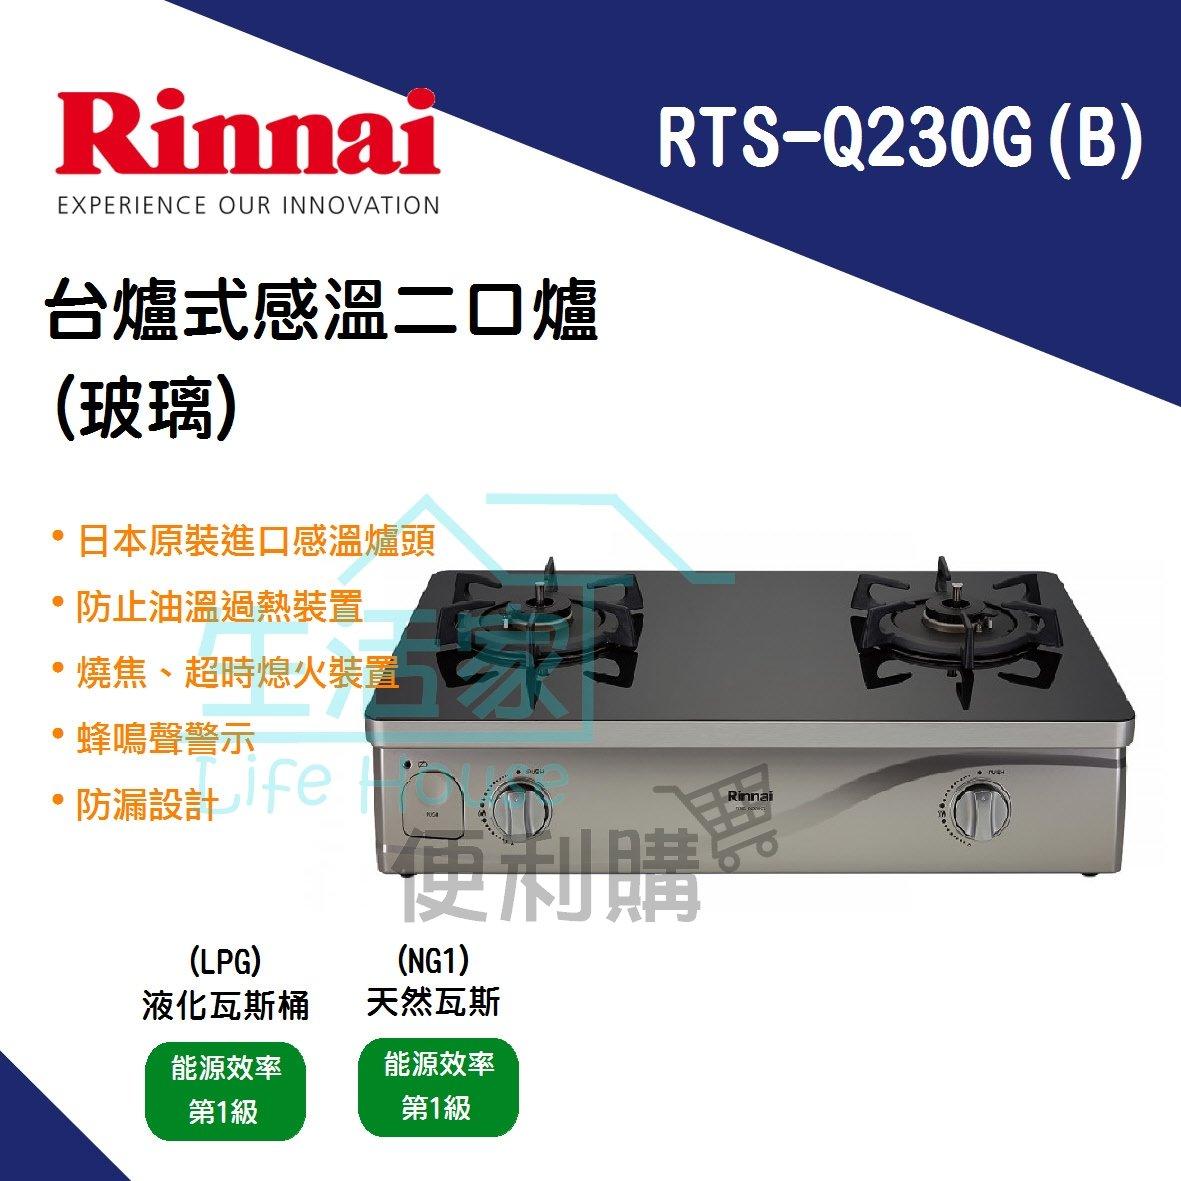 【 家便利購】《附發票》林內牌 RTS-Q230G(B) 台爐式感溫二口爐(黑玻璃) 瓦斯爐  感溫爐頭